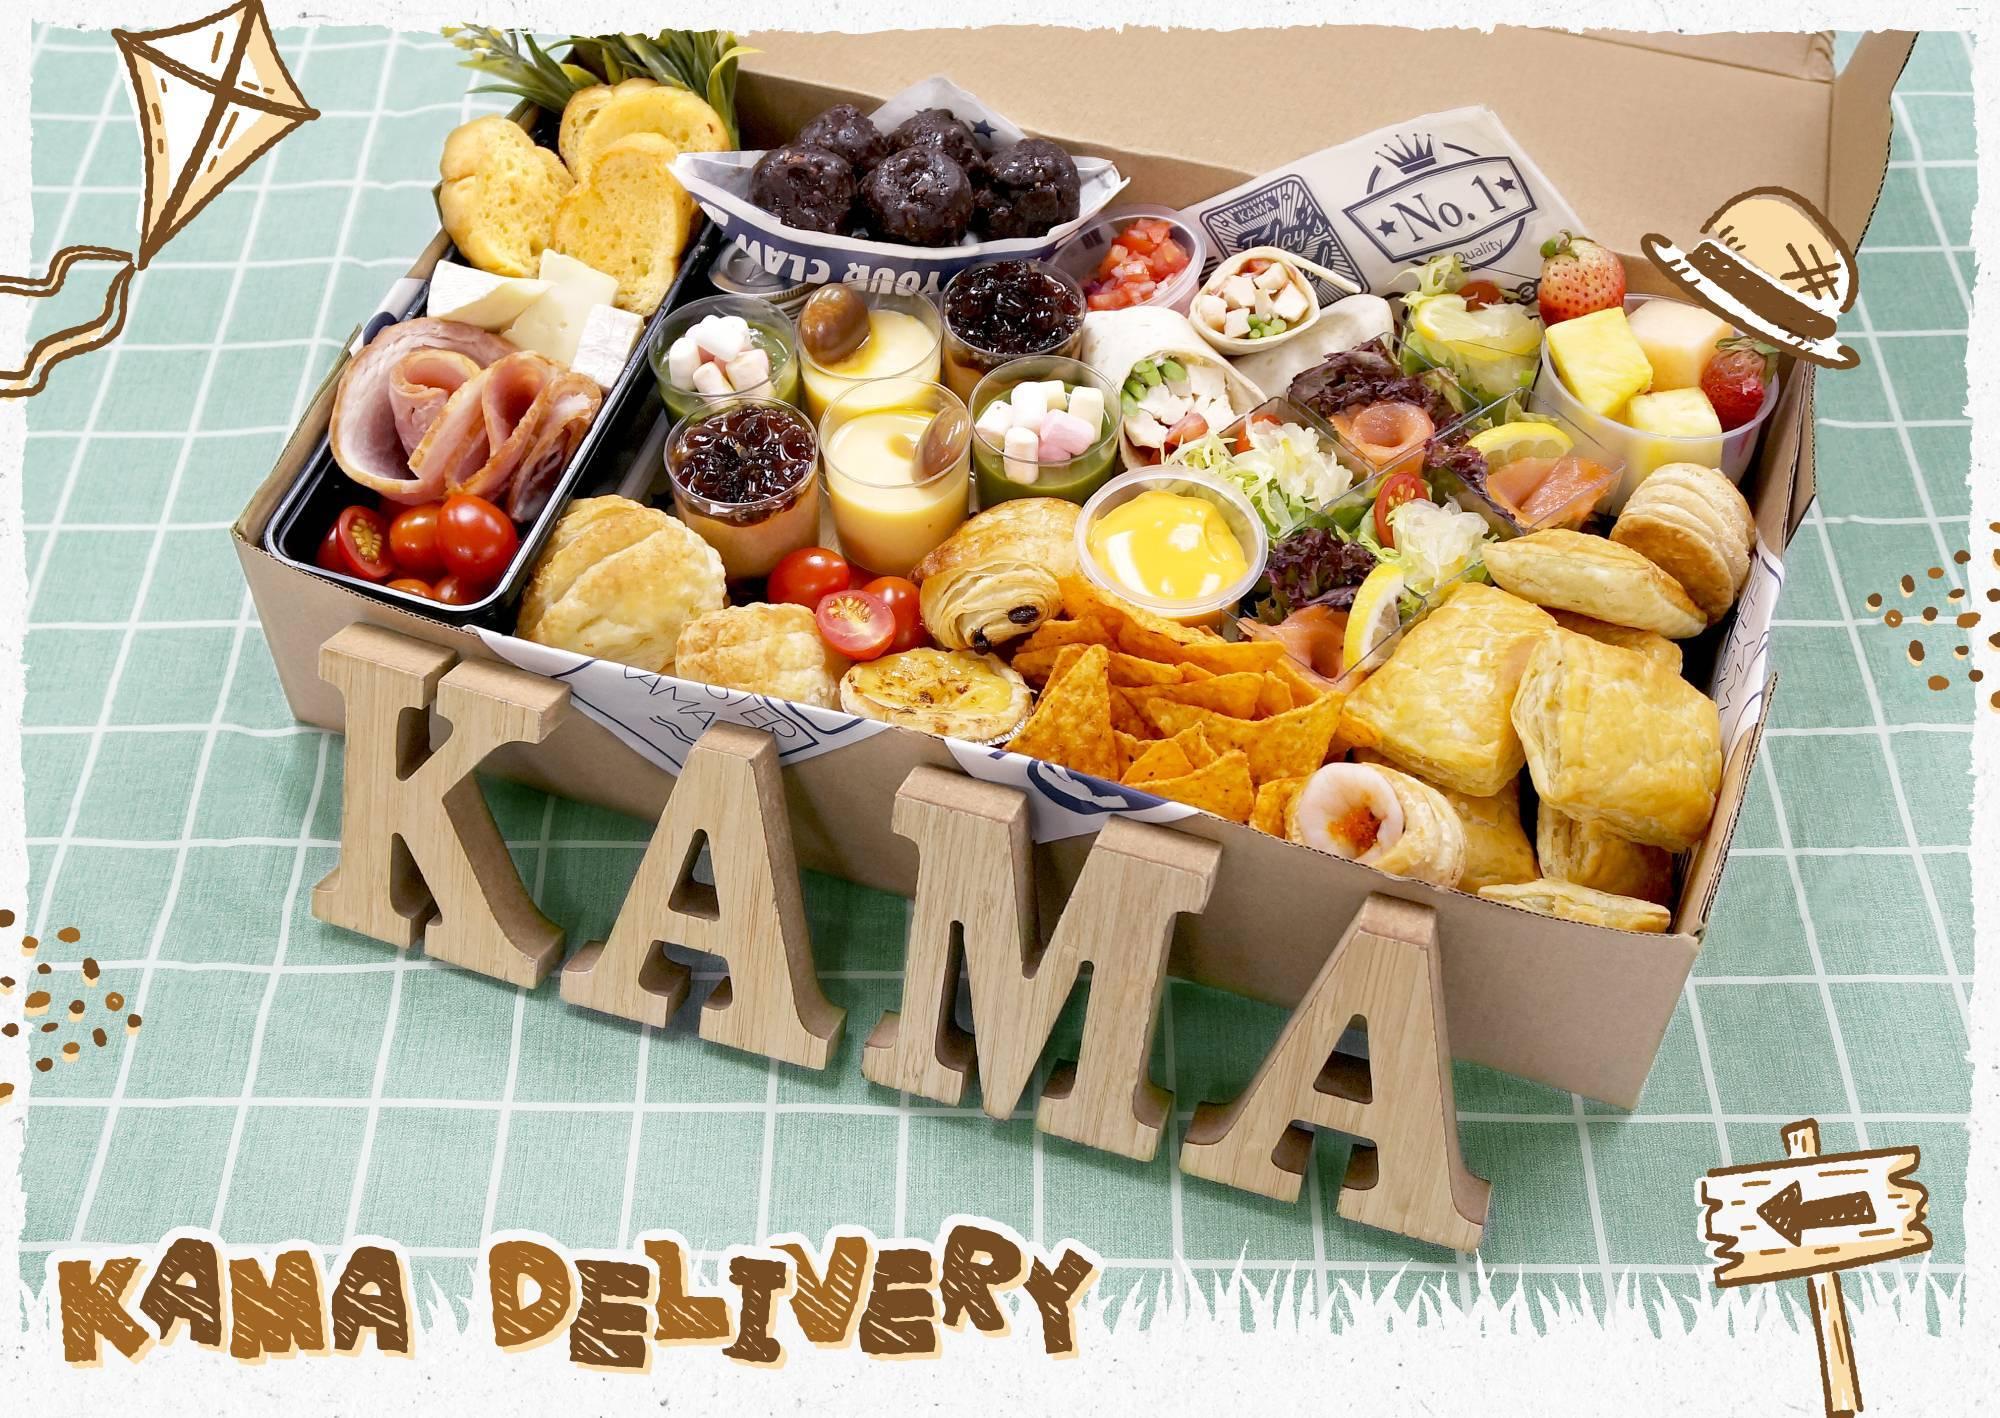 野餐美食外送推介|Kama Delivery為各式各樣的戶外活動提供多款西式外賣美食,立即網上預購吧!